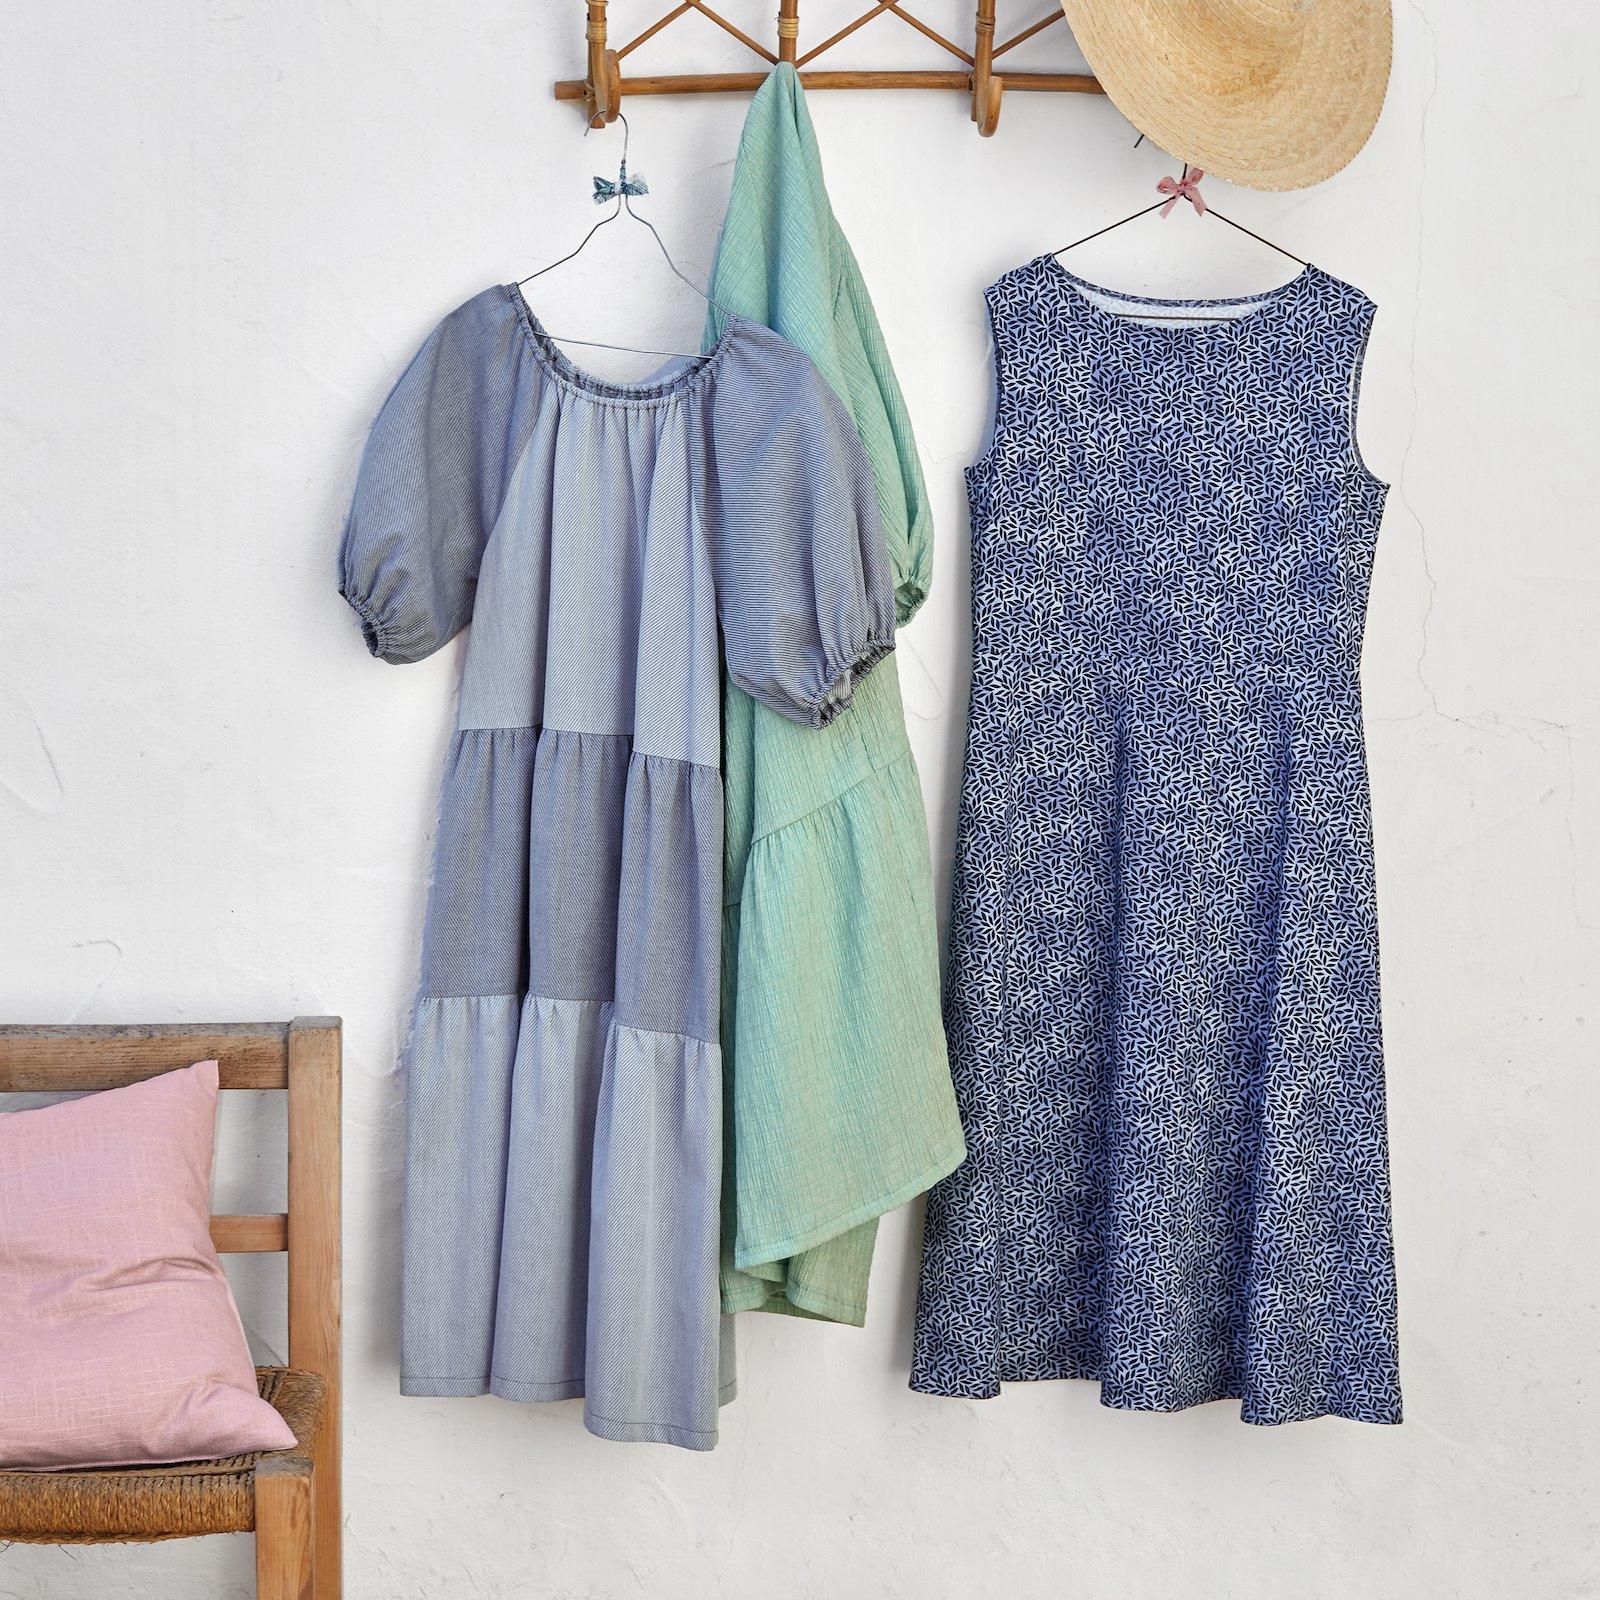 Babydoll dress p23168_852356_501860_560261_90000000_p23154_272689_bundle